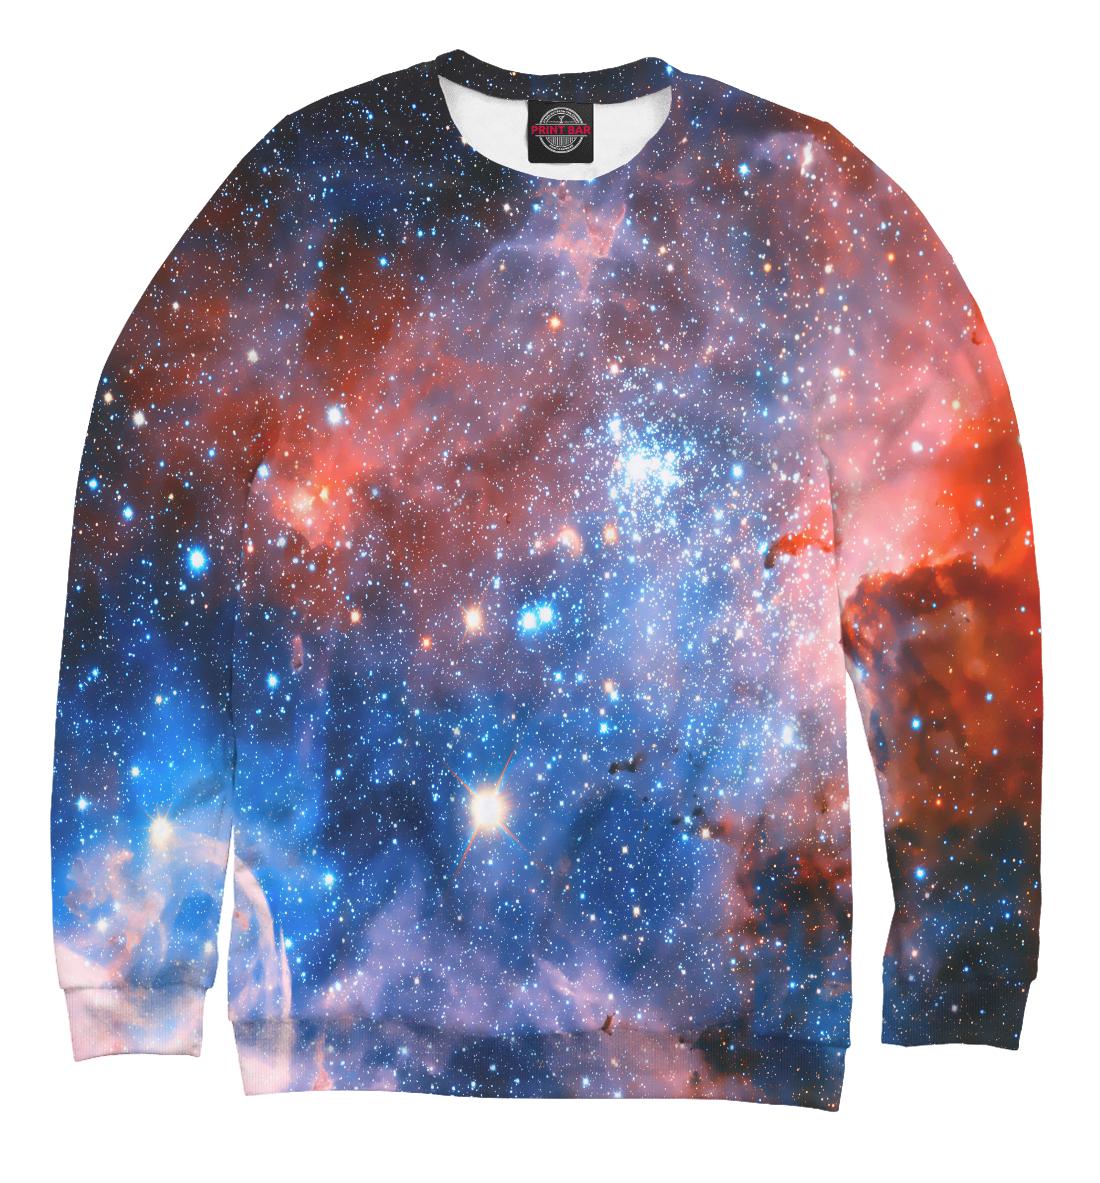 Купить Вселенная, Printbar, Свитшоты, SPA-628619-swi-2